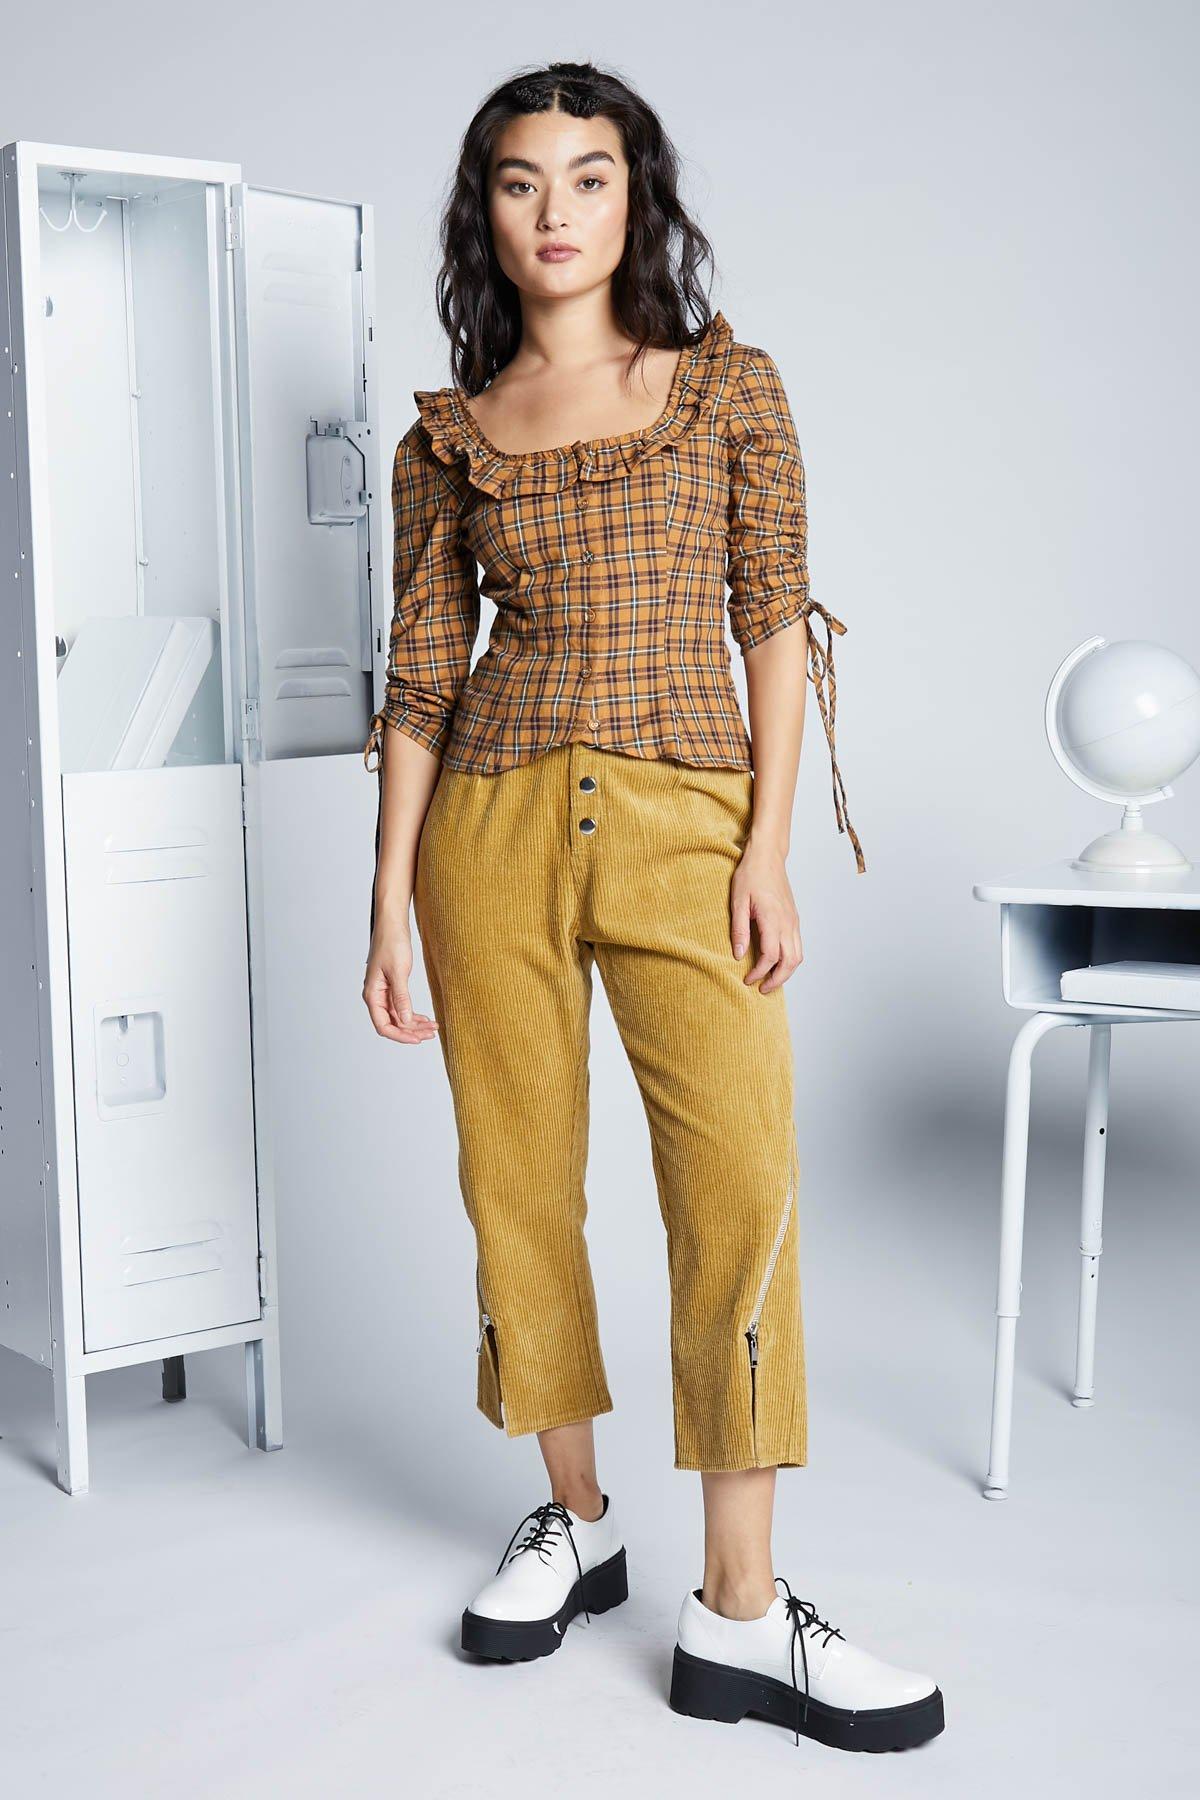 Eggie - Peplum plaid blouse